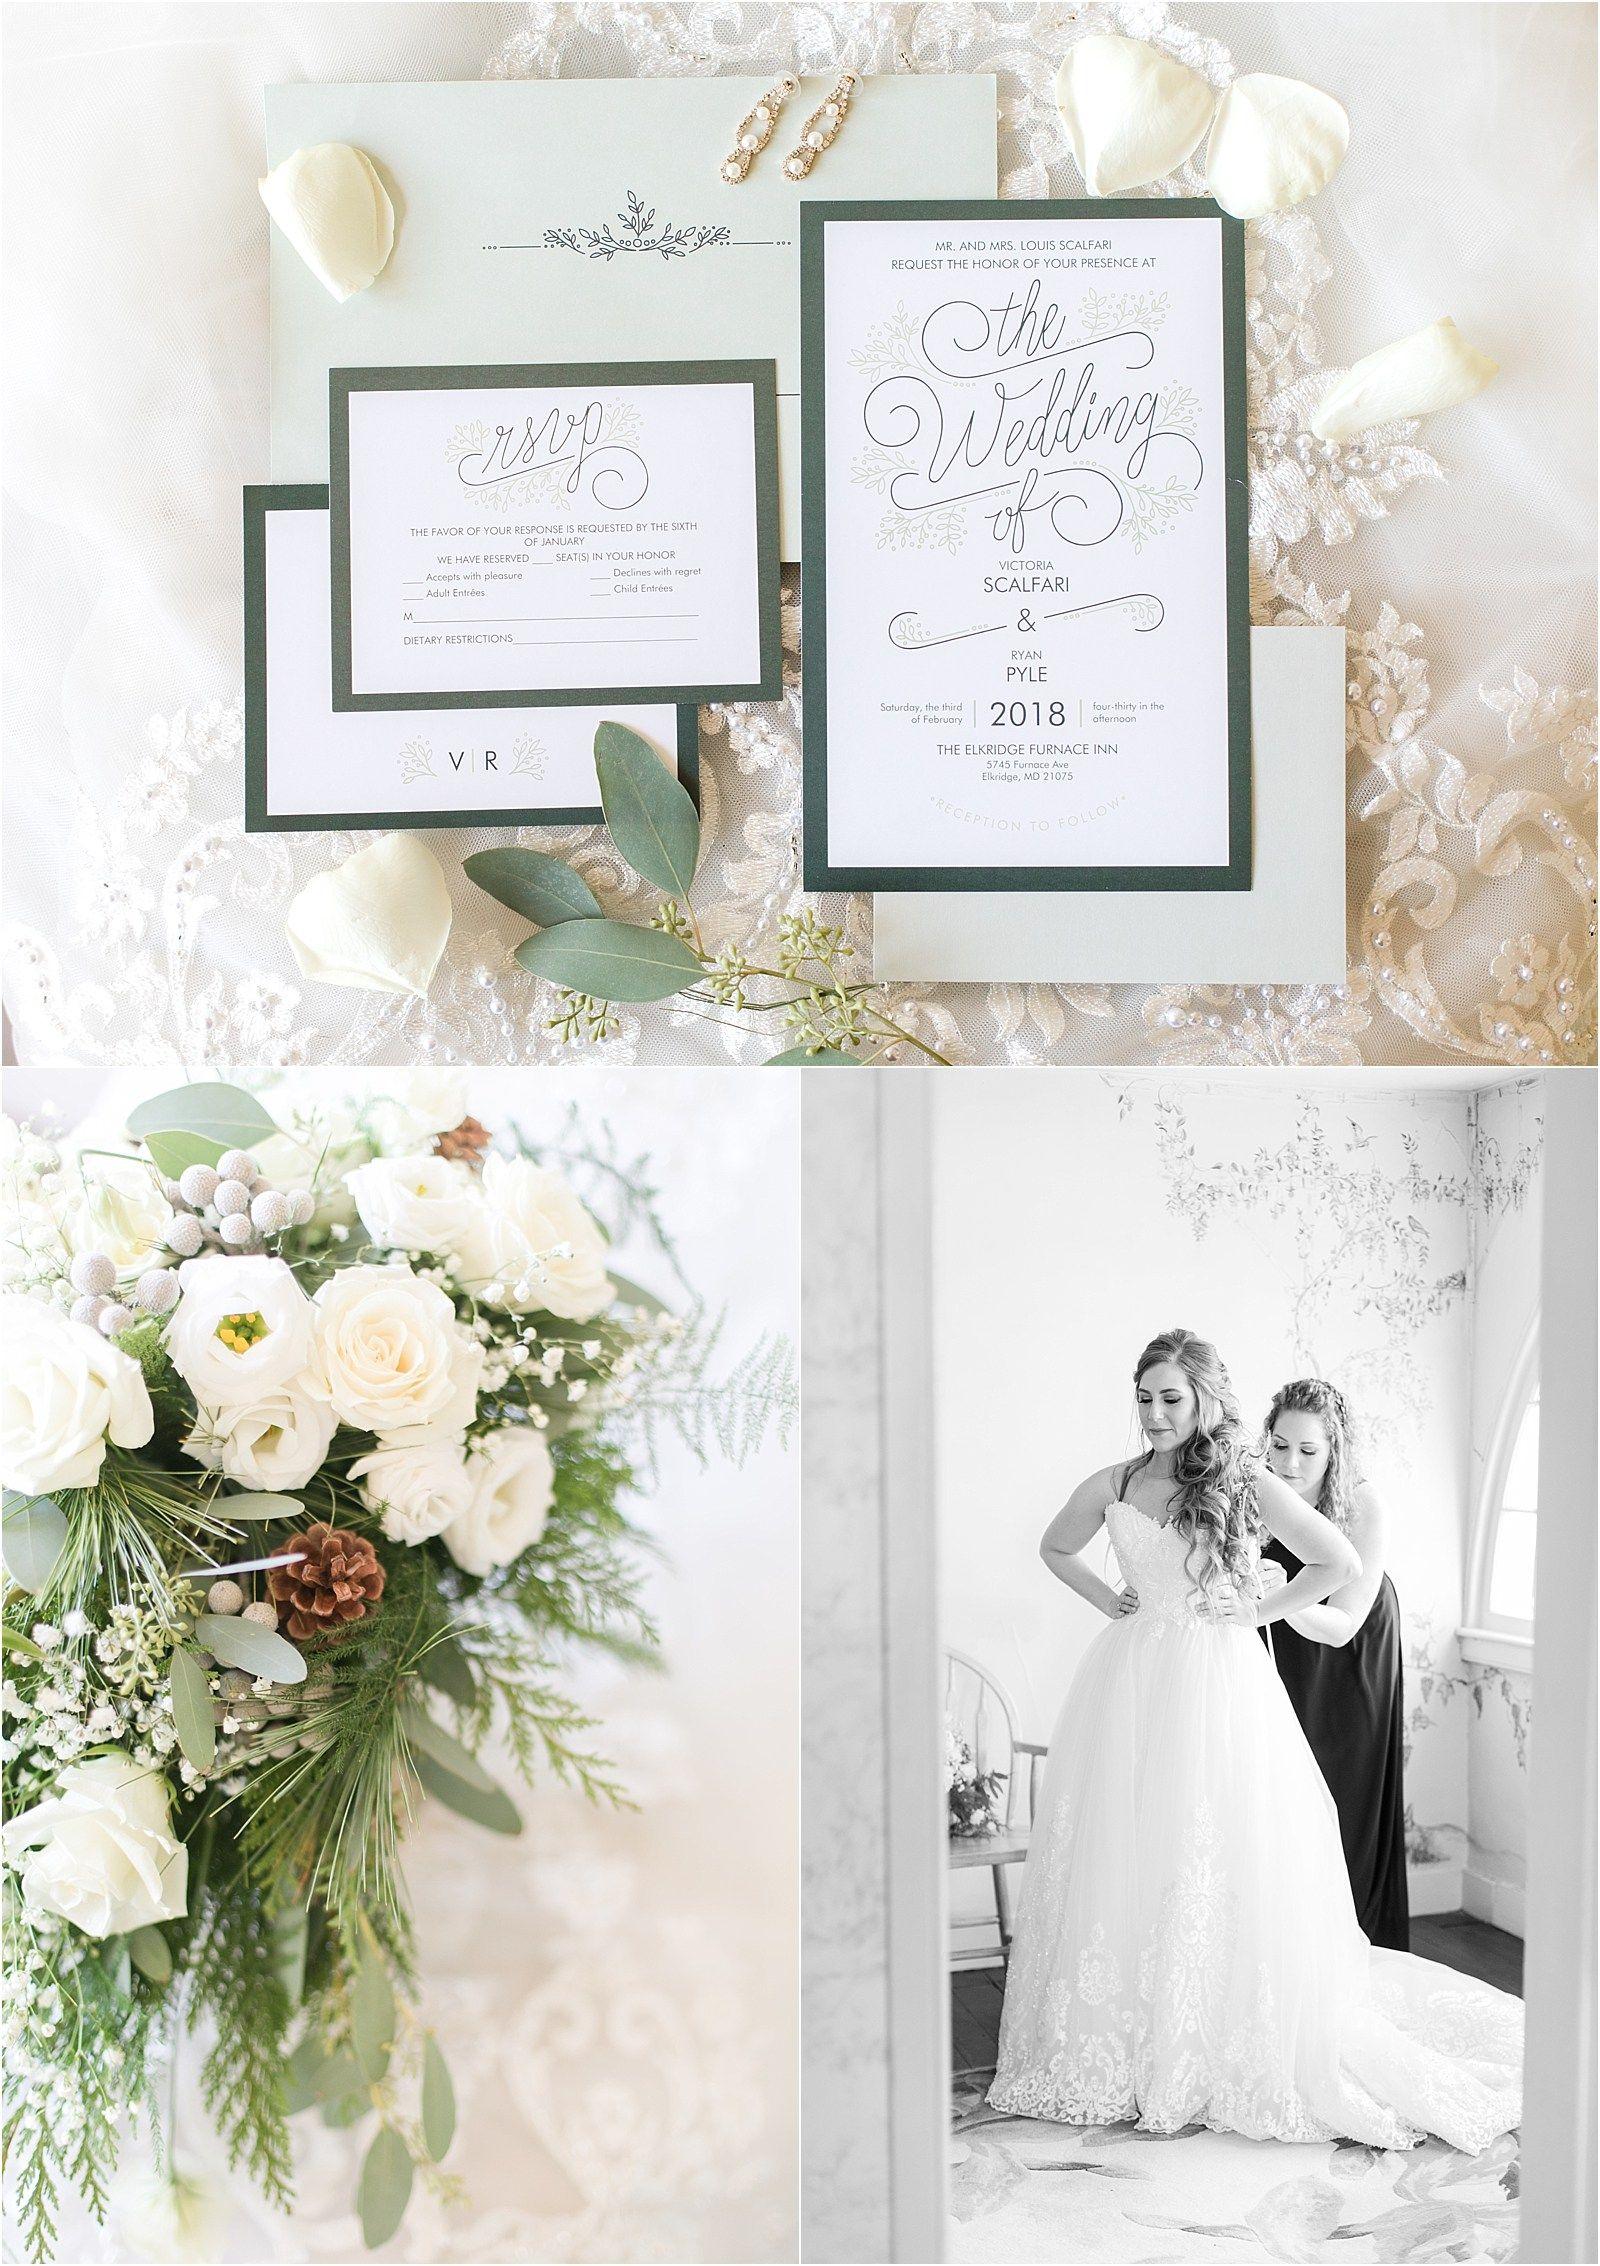 Elkridge Furnace Inn Wedding Costola Photography Wedding Elkridge Maryland Photographer